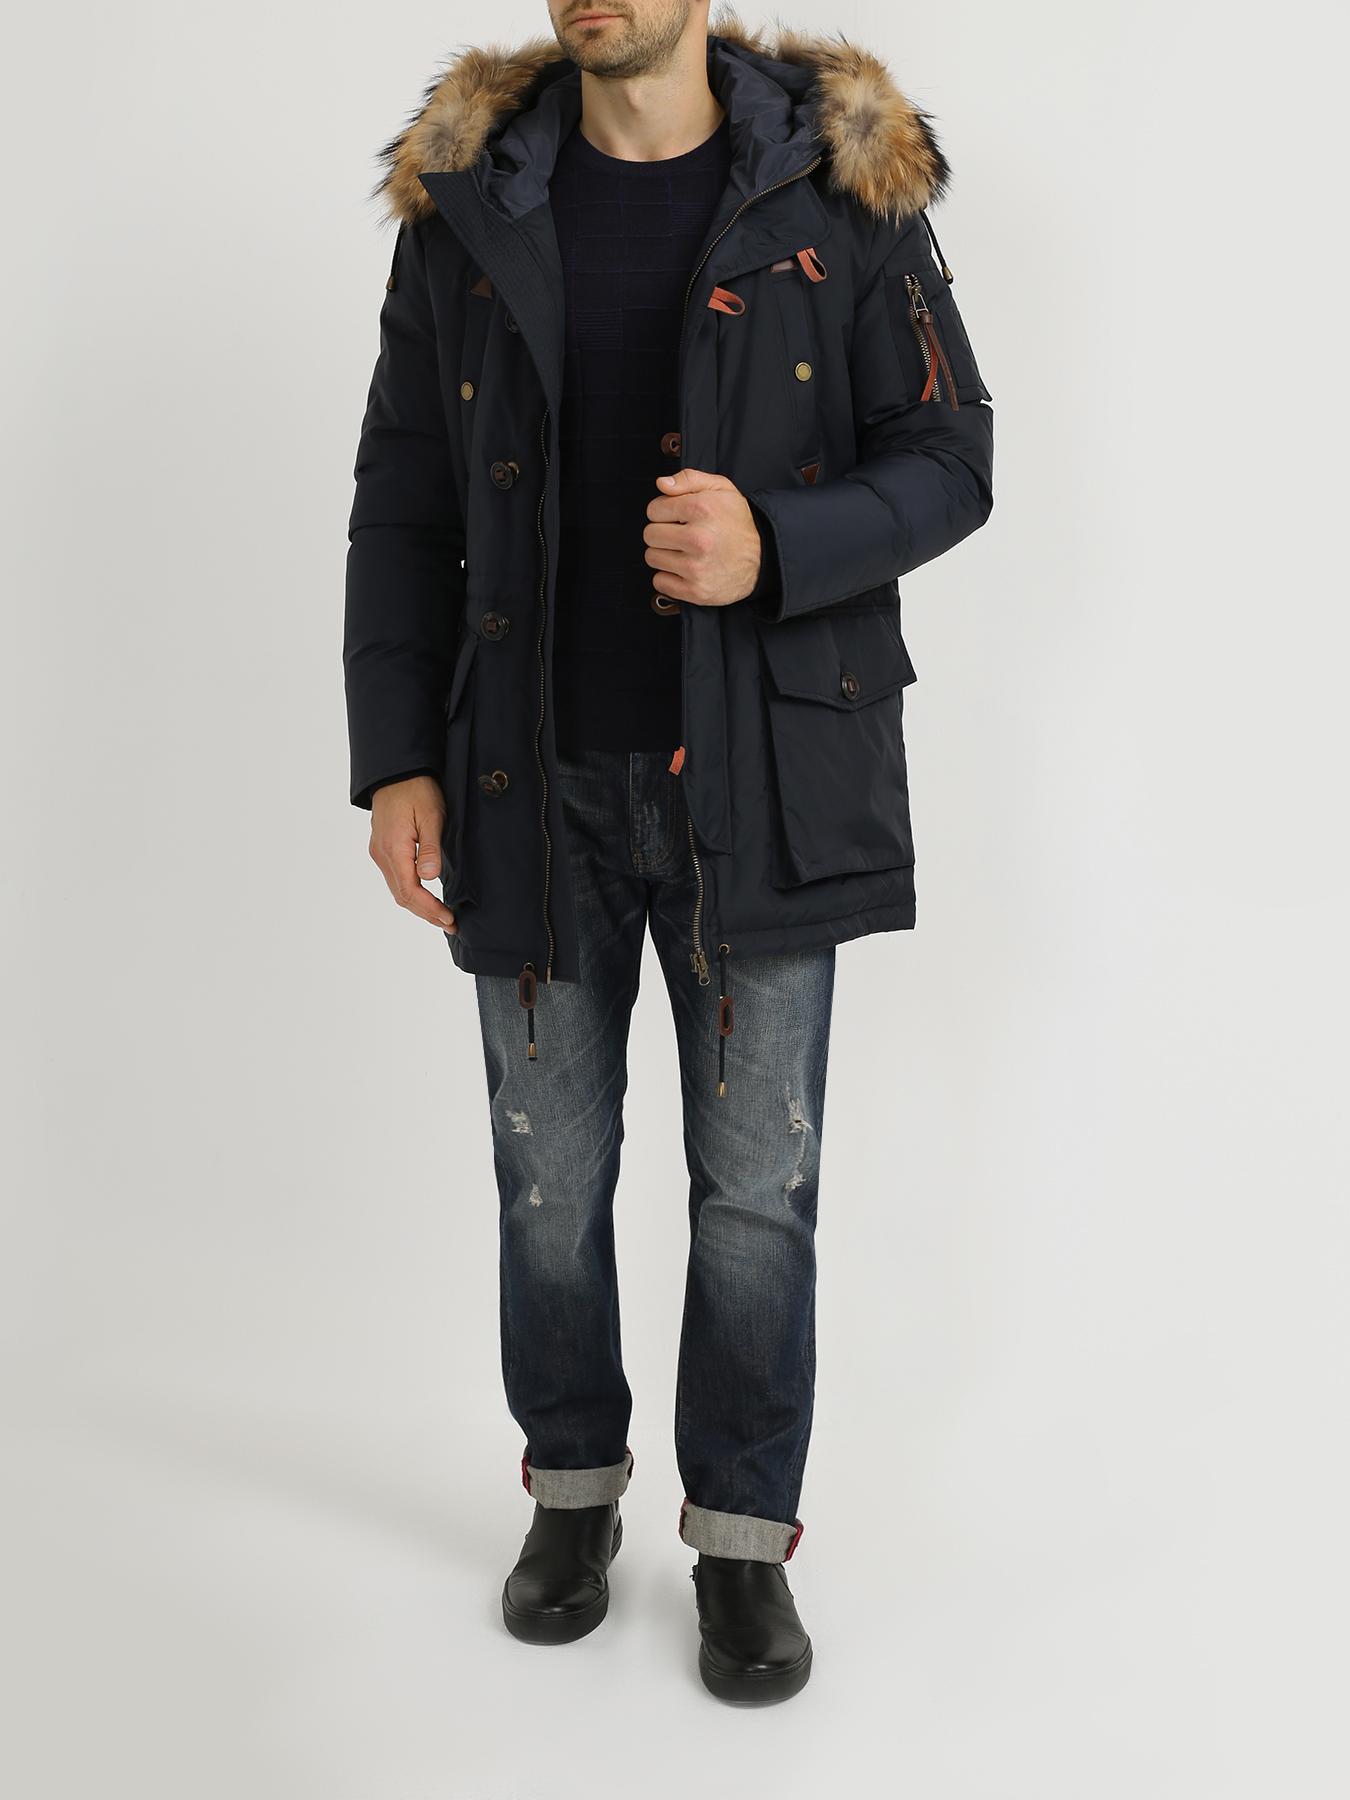 Куртка Alessandro Manzoni Мужская парка